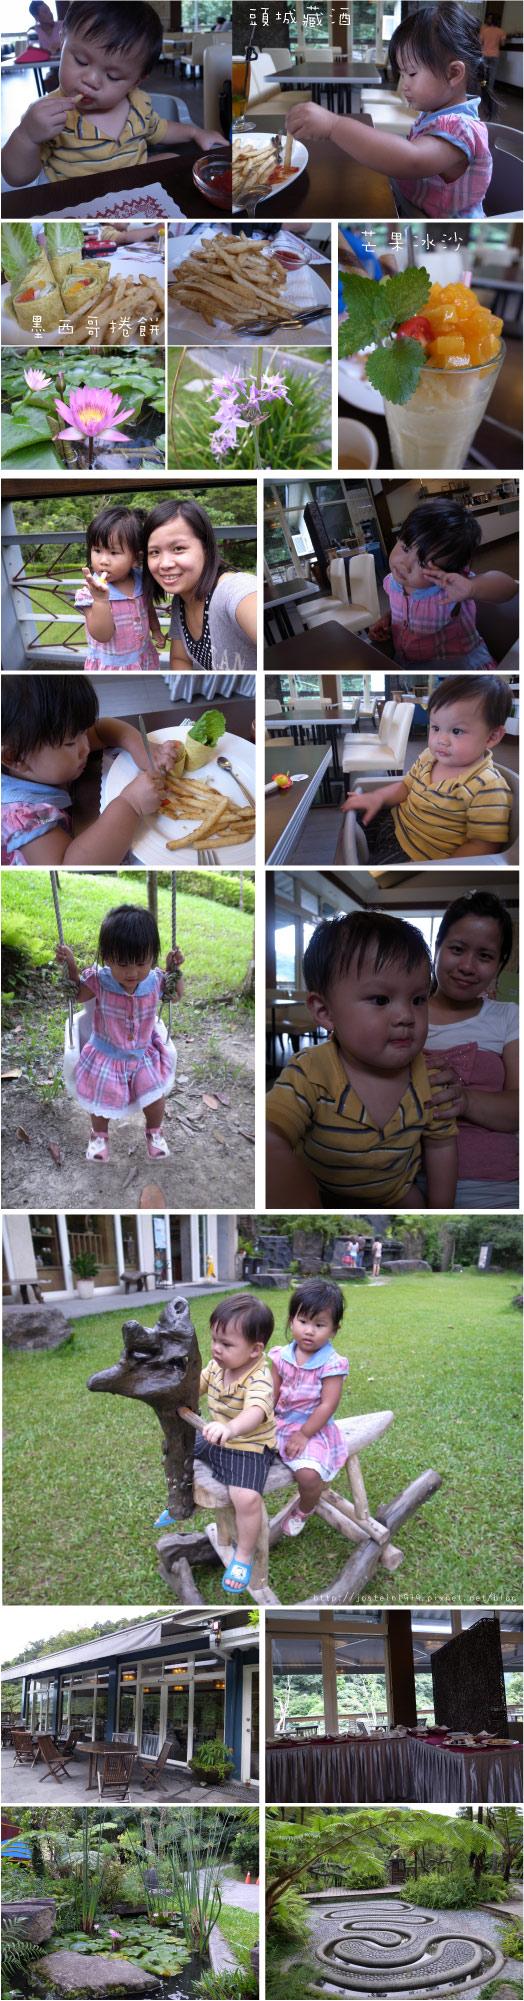 20100721-3jpg.jpg